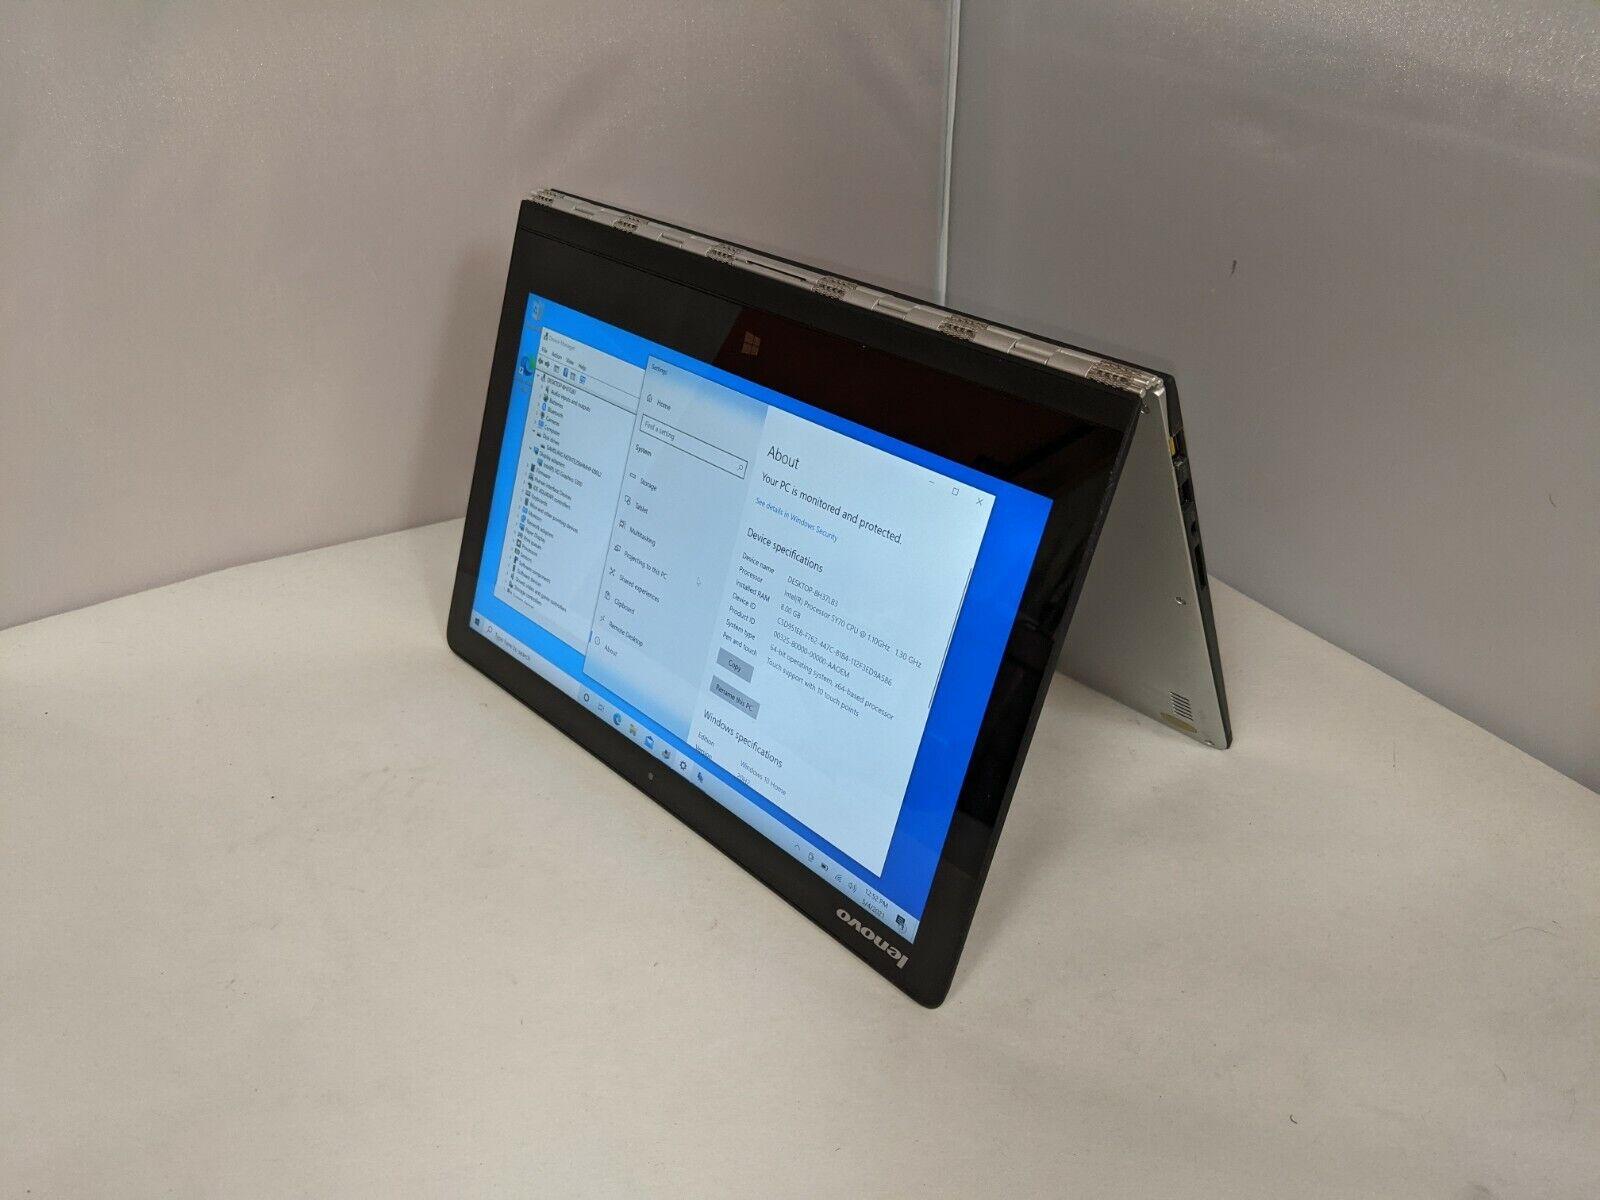 Lenovo Yoga 3 Pro-1370 13.3 QHD 2-in-1 Touch Intel M 5Y70 1.1GHz 8GB 256GB M.2 - $289.00